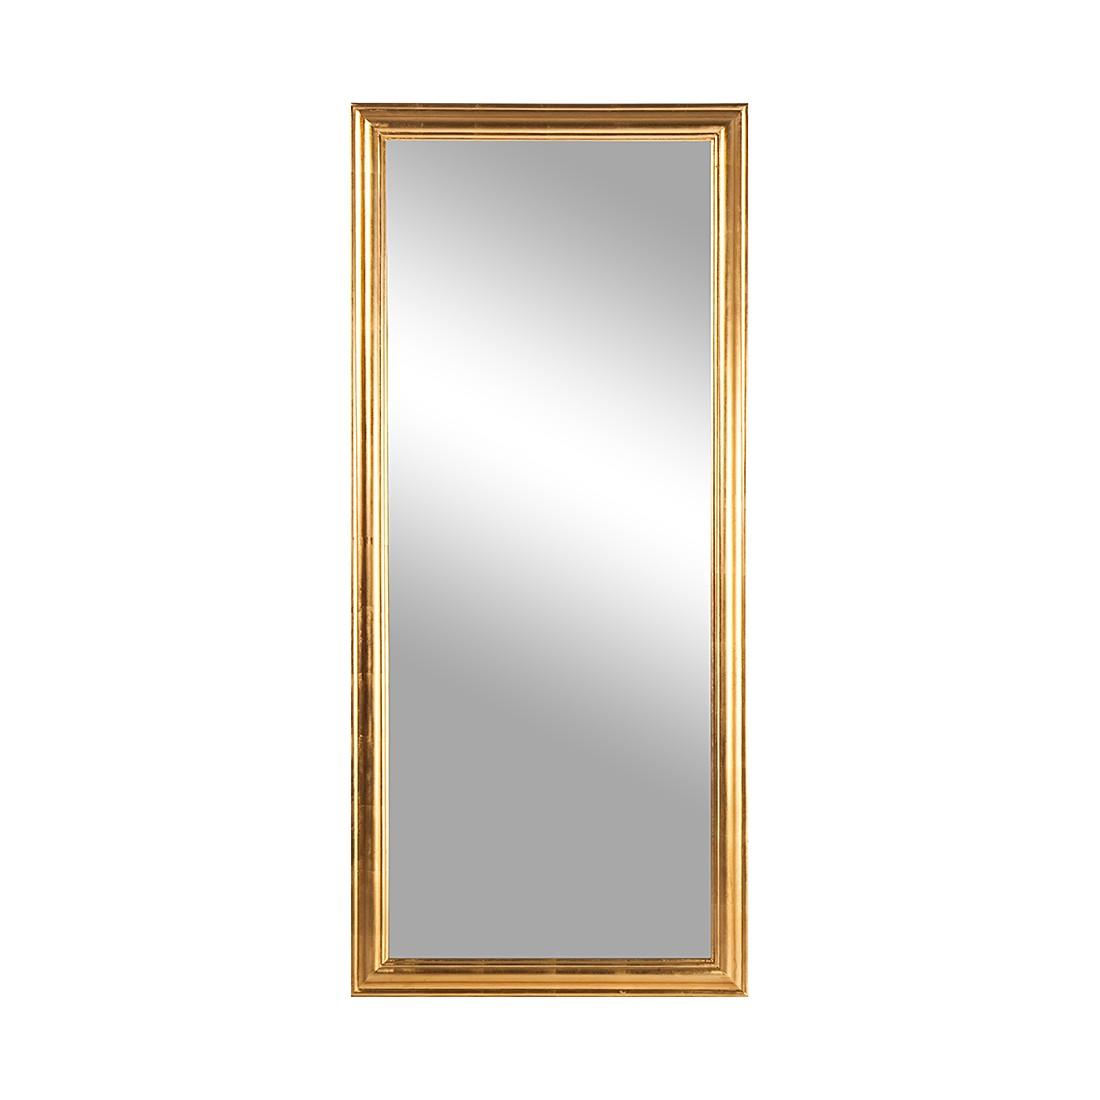 Spiegel Belleville – Wandspiegel – Gold – 72x162x7 cm, Jack & Alice jetzt kaufen